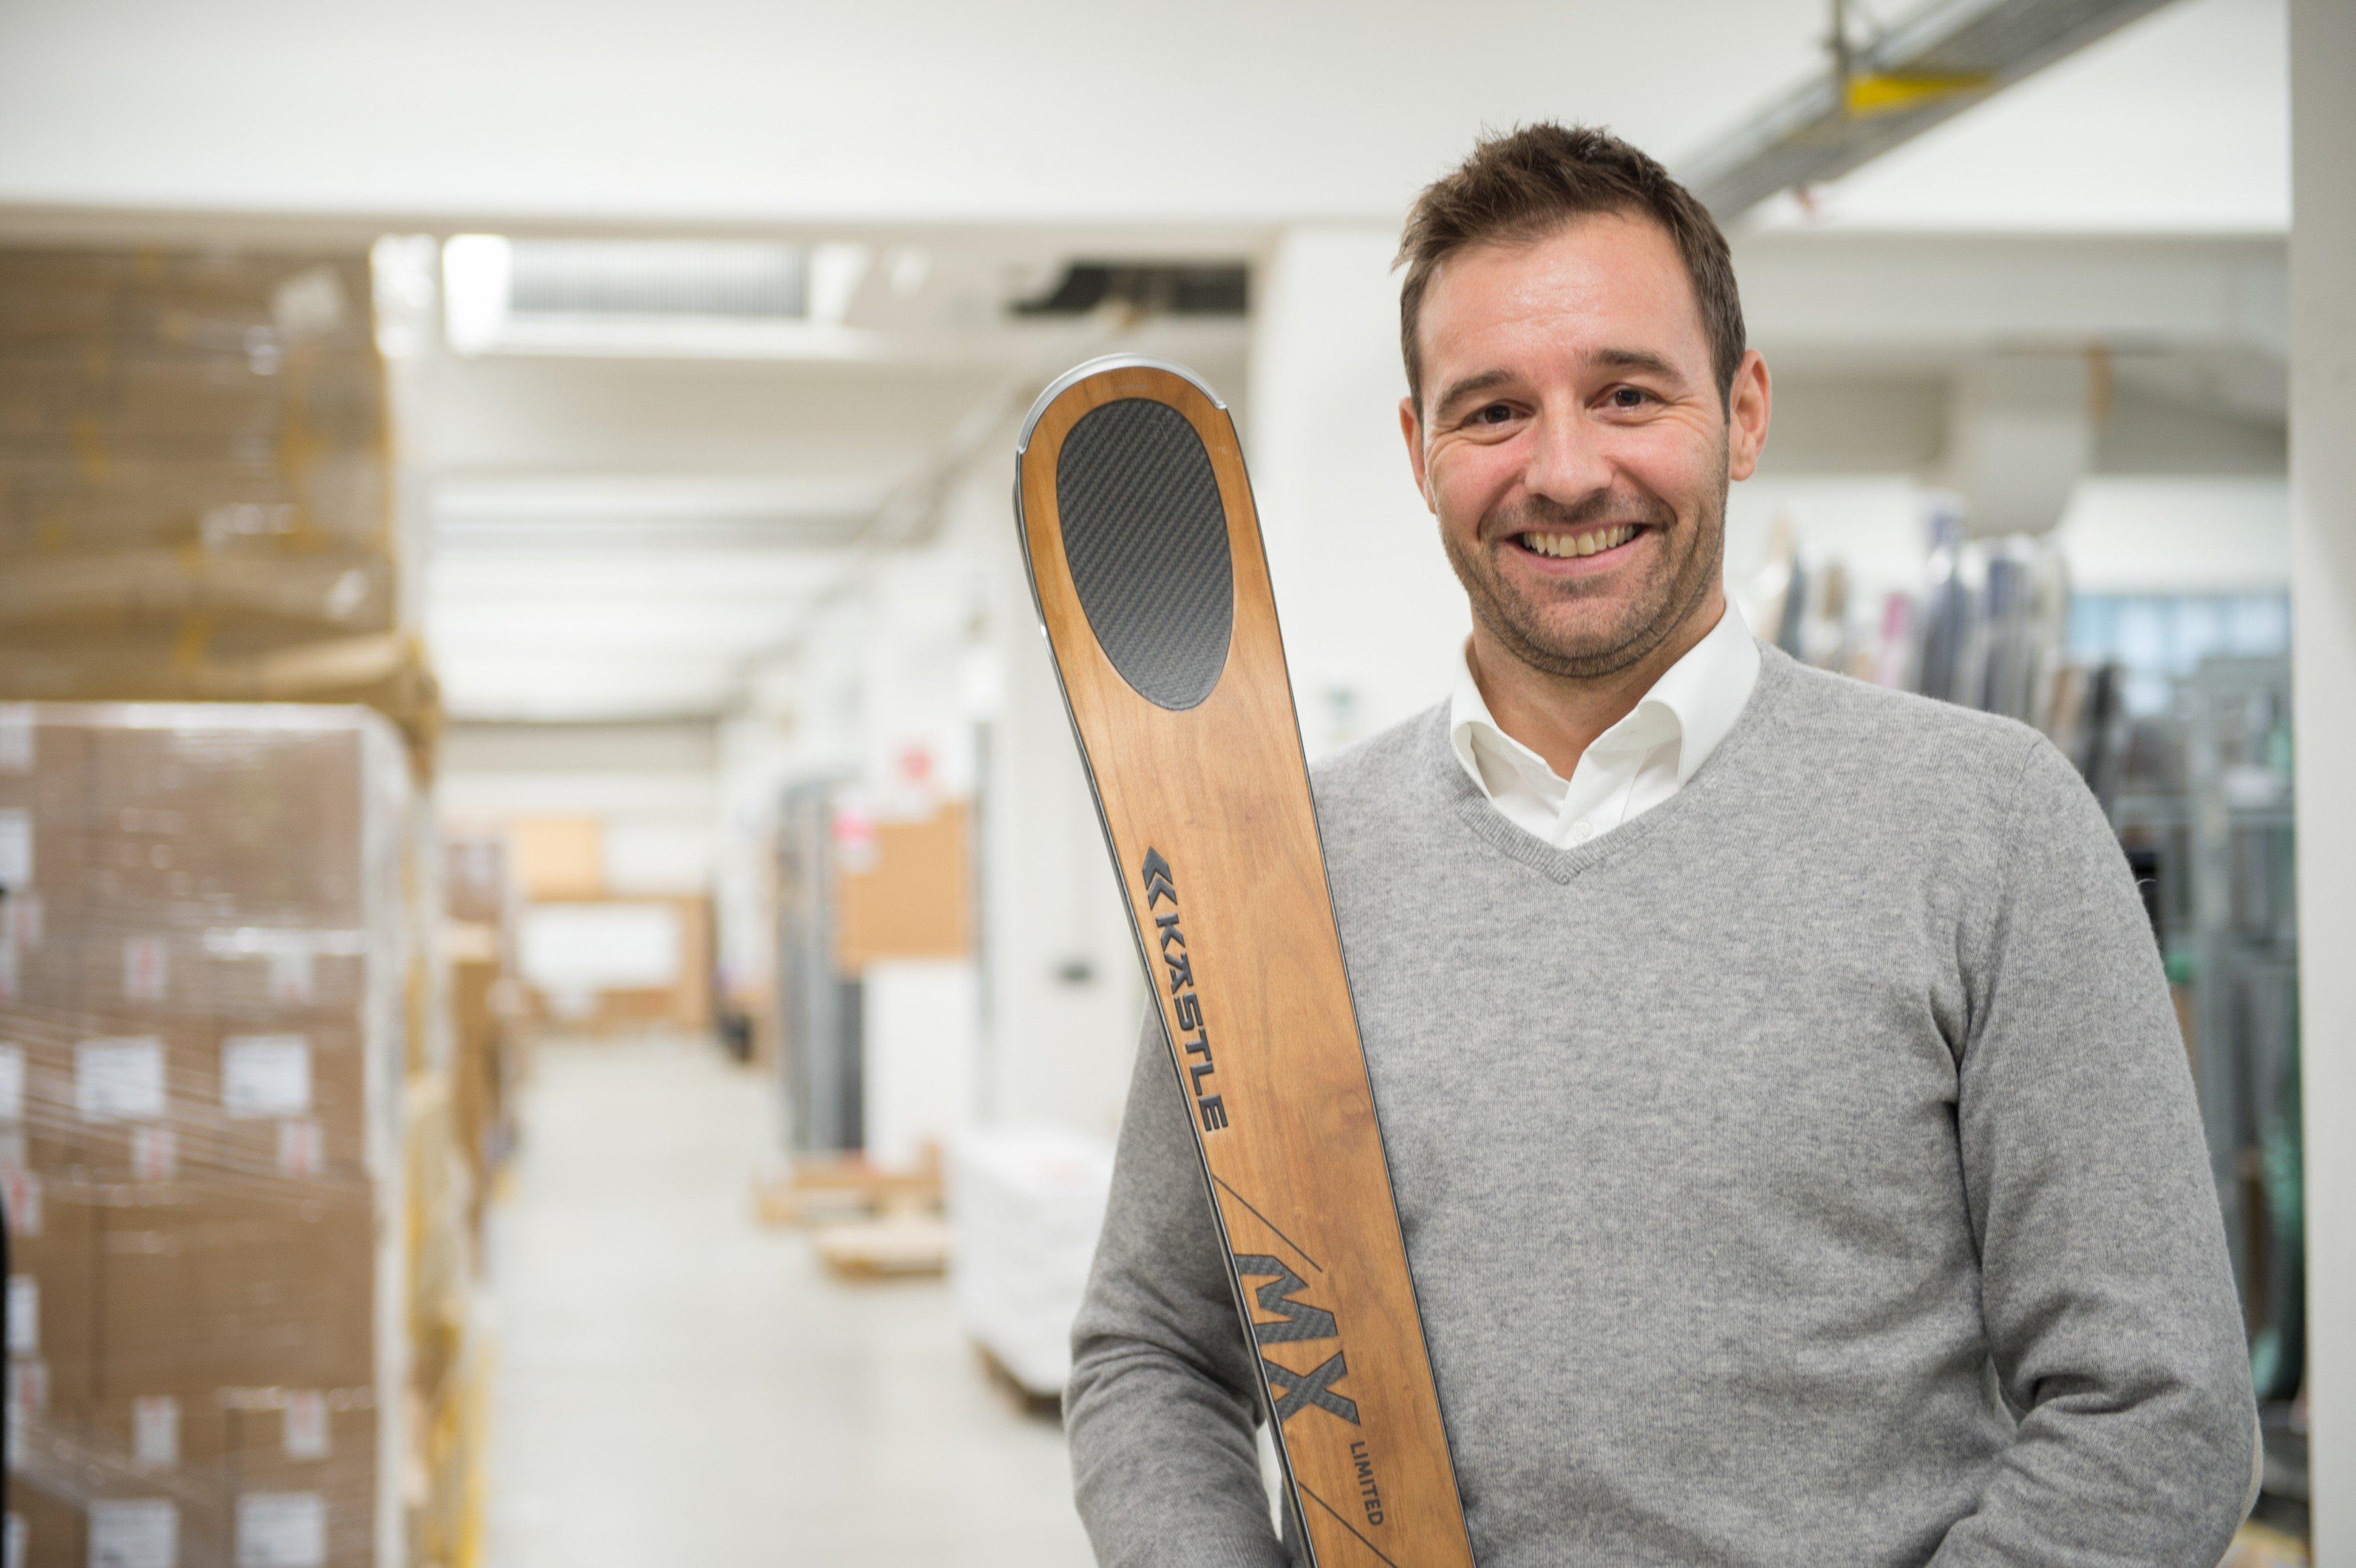 Tschechische ConsilSport übernimmt Vorarlberger Skiproduzenten Kästle